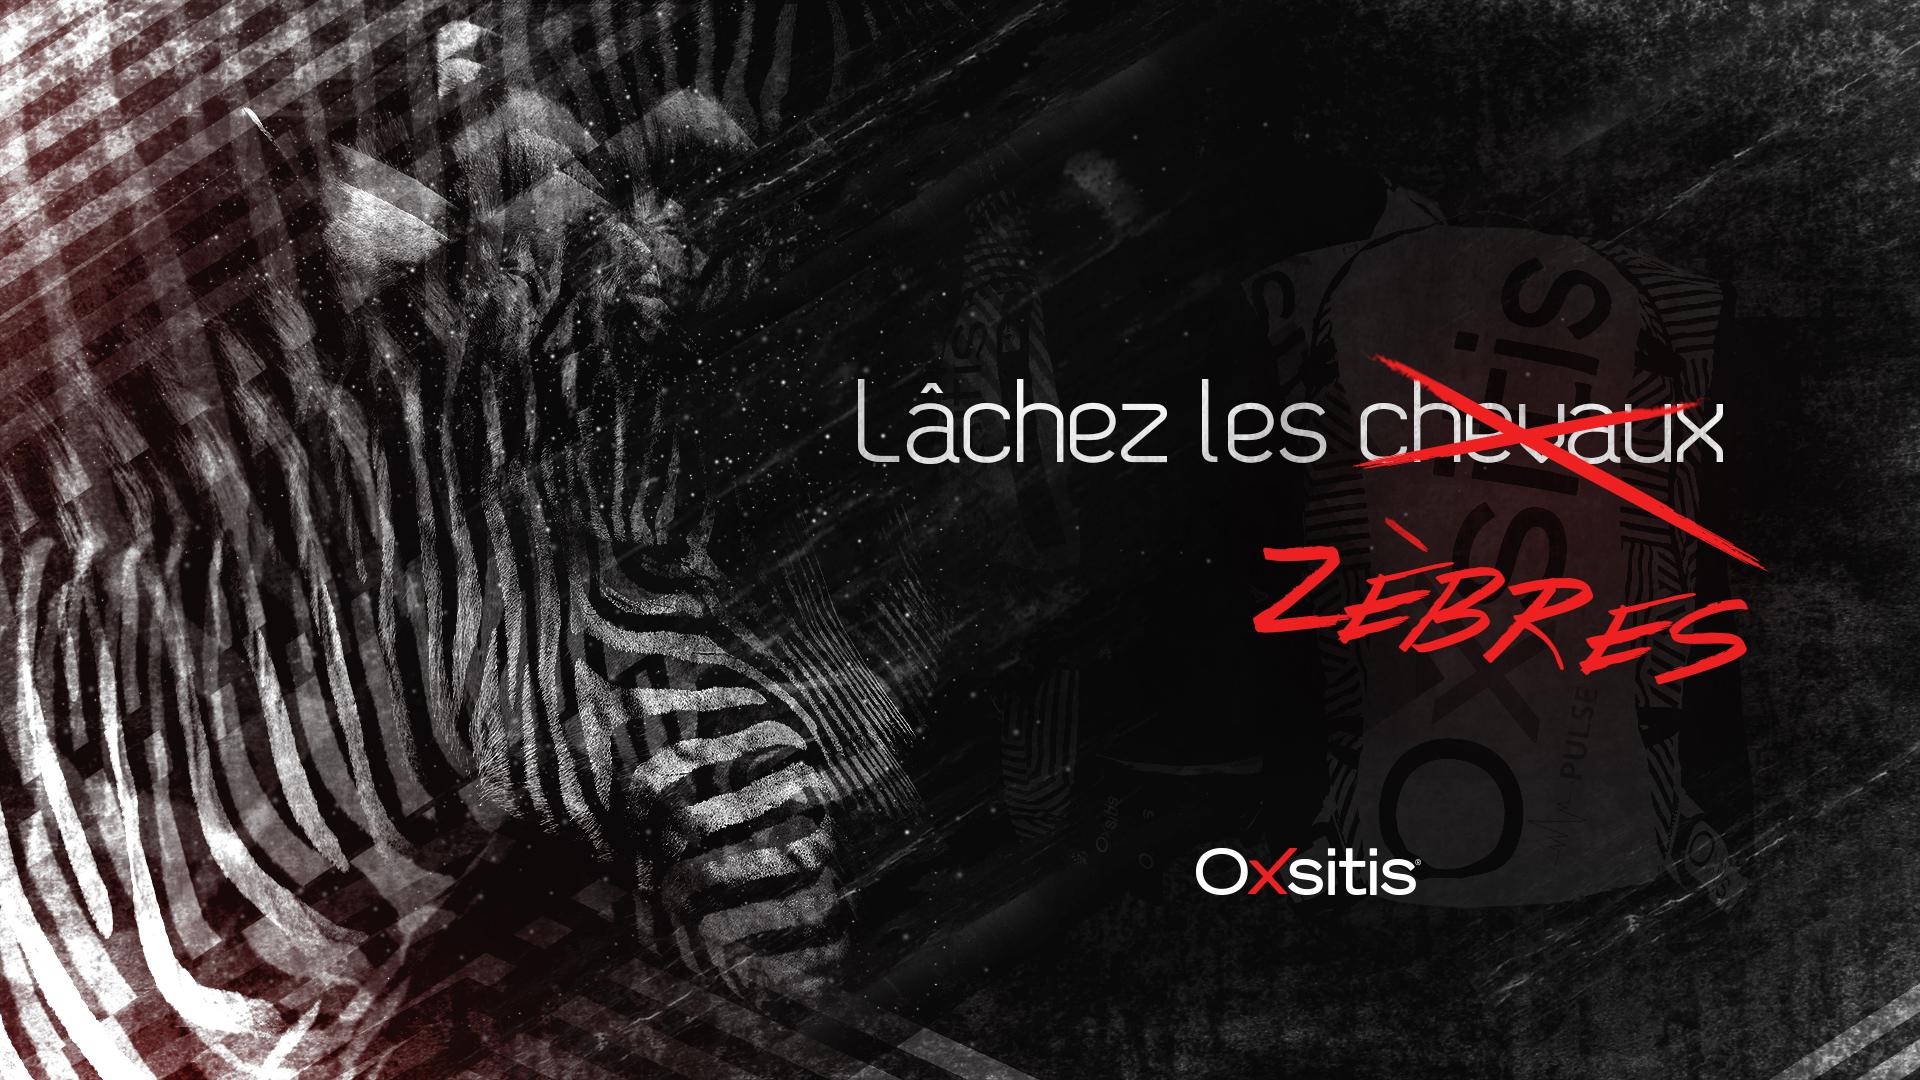 Campagne Oxsitis teasing : Lachez les zèbres